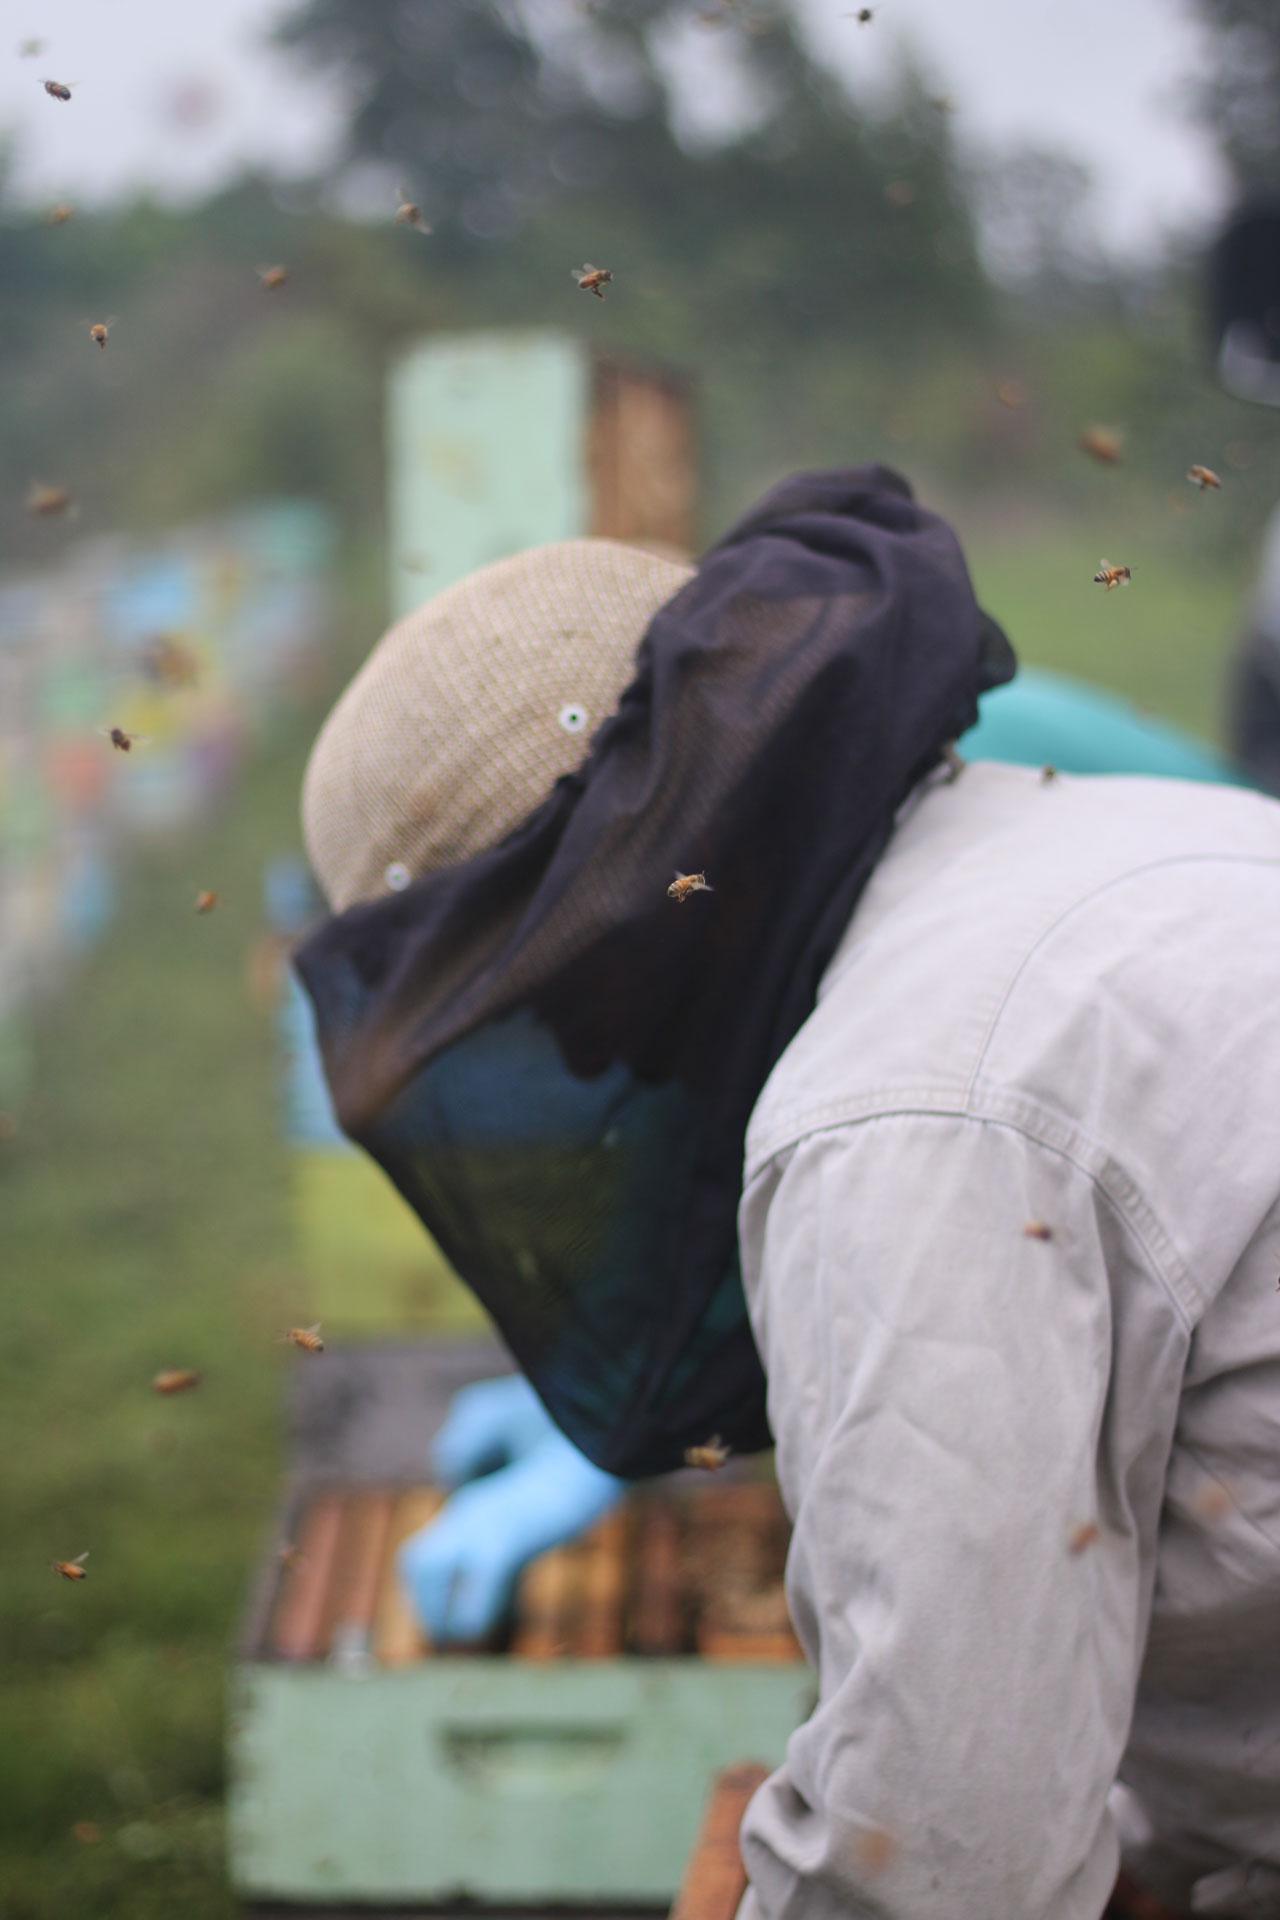 Beekeeper from Kona Queen Hawaii at honey harvest on the Kona Coffee & Tea farm. PHOTO: Chance Ortiz